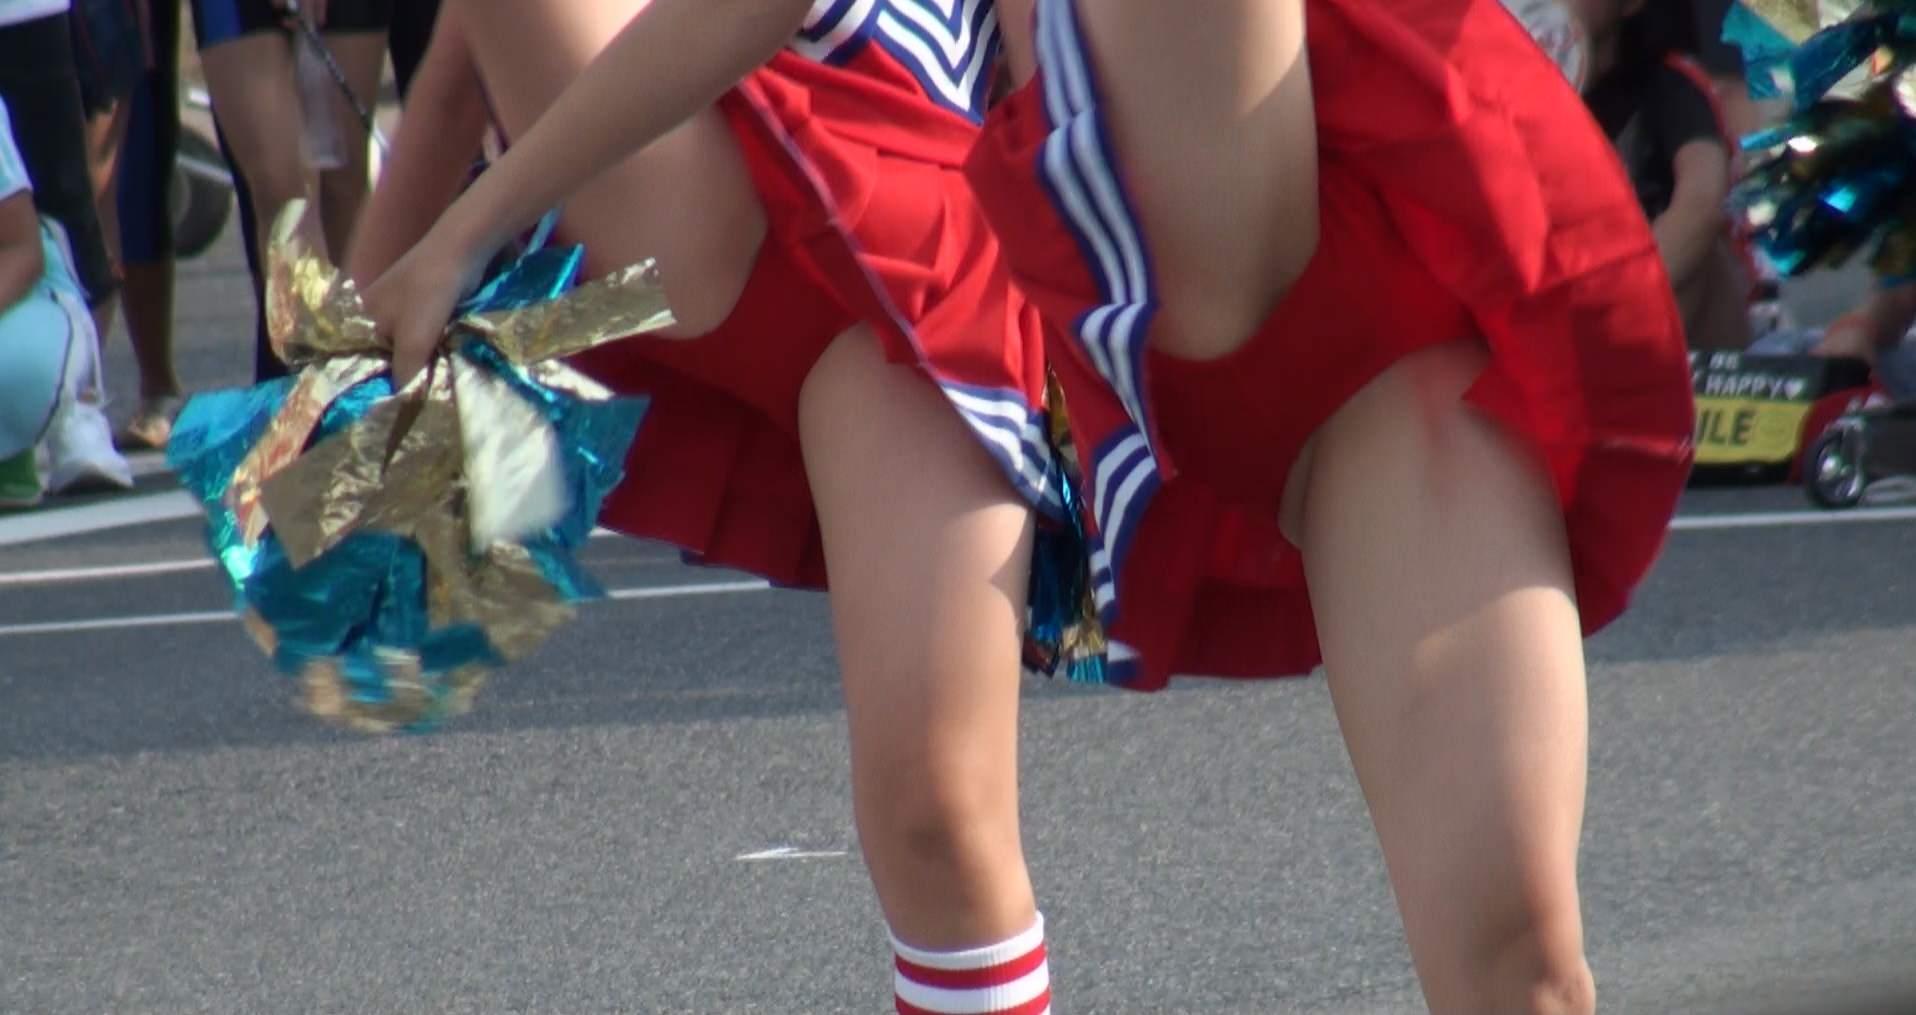 チアガールが張り切って足を上げた瞬間を捉えた股間のエロ画像 1018